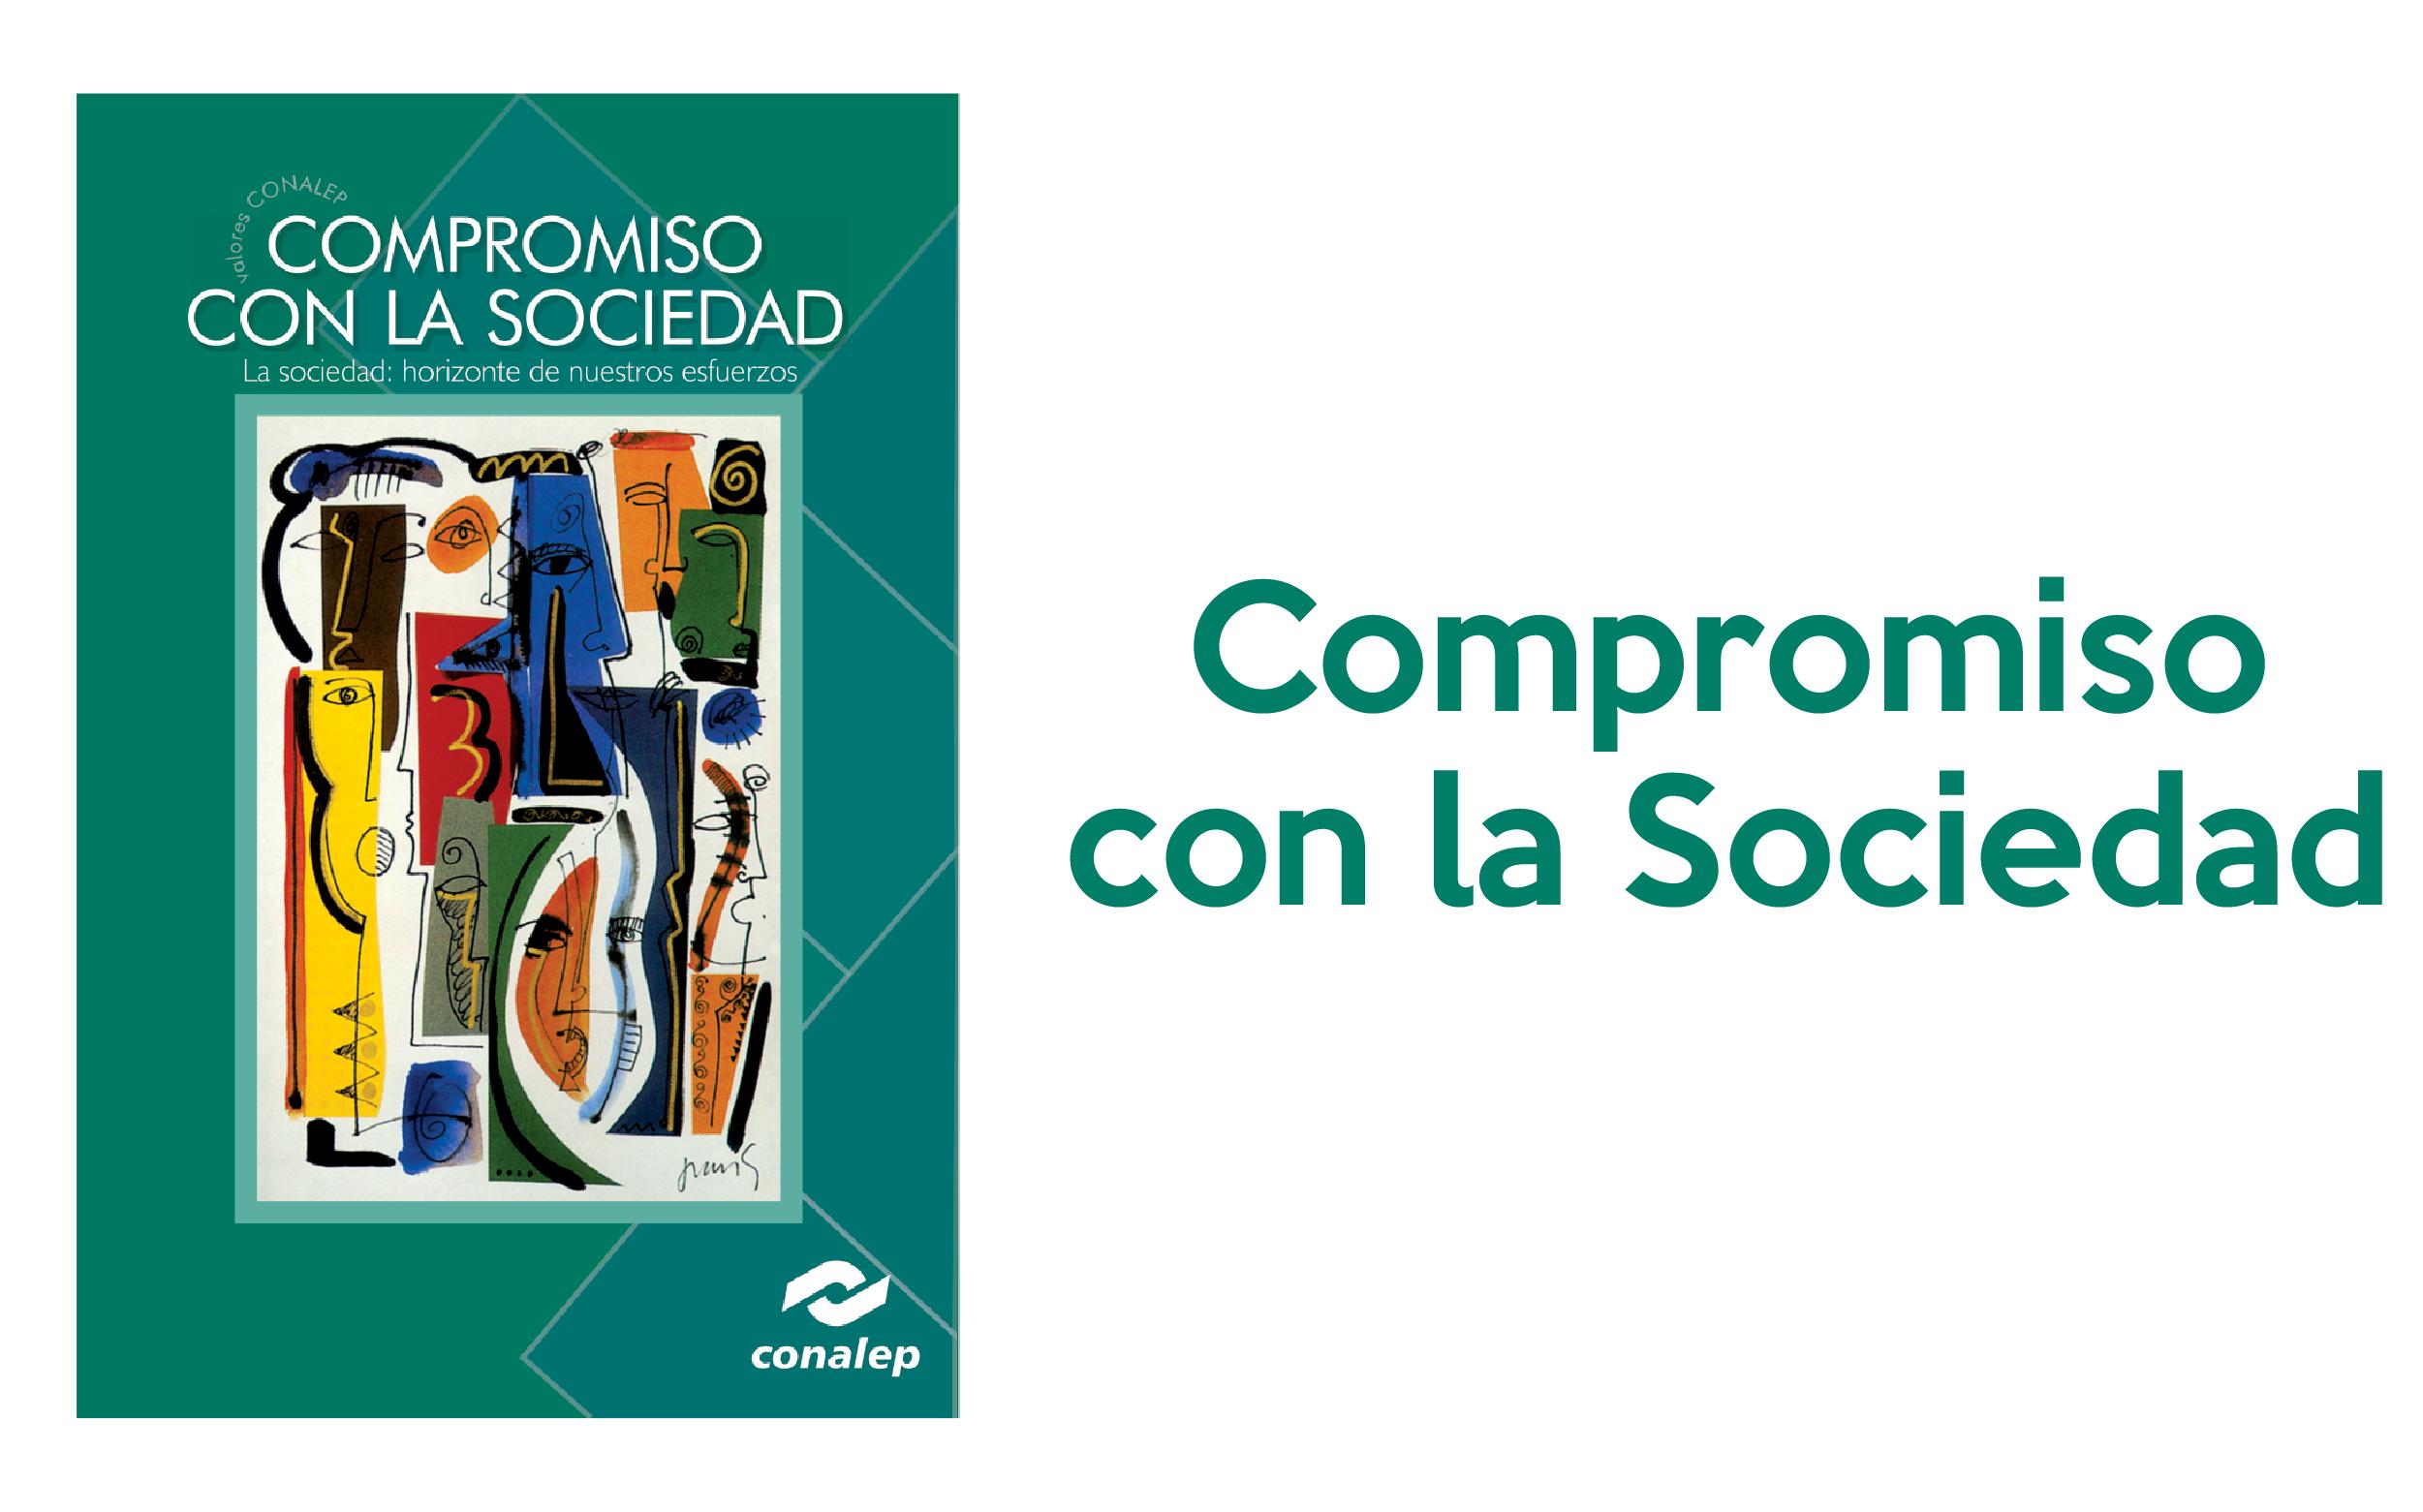 /cms/uploads/image/file/344789/Compromiso_con_la_sociedad.png